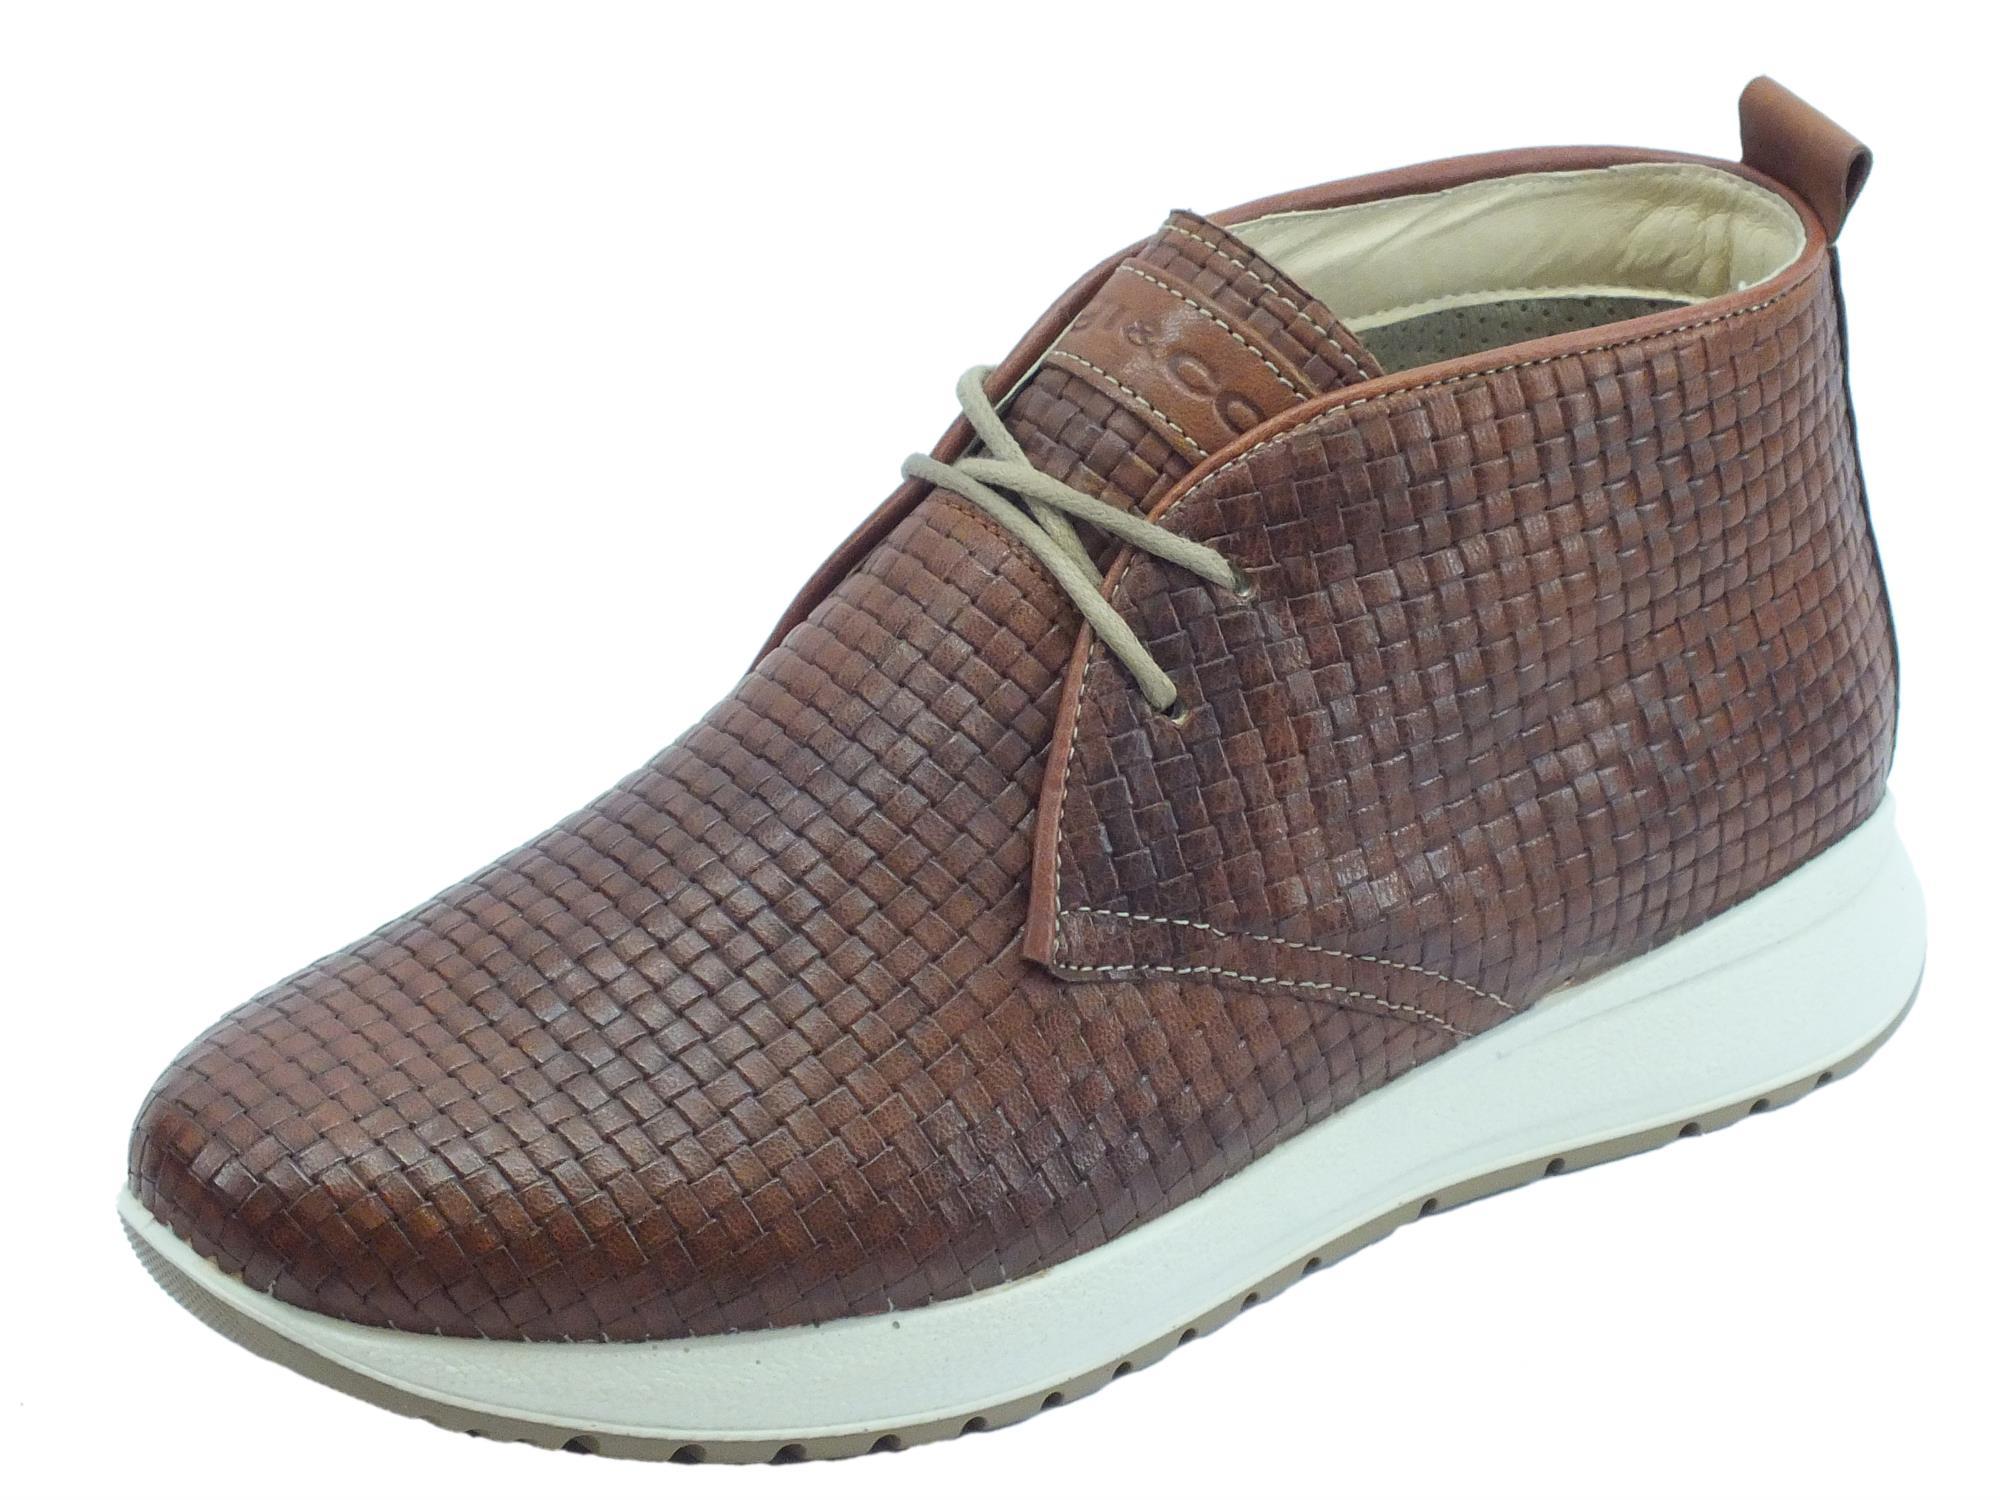 sports shoes 55cc6 e8616 Scarpe per uomo Igi&Co in pelle intrecciata marrone sottopiede estraibile